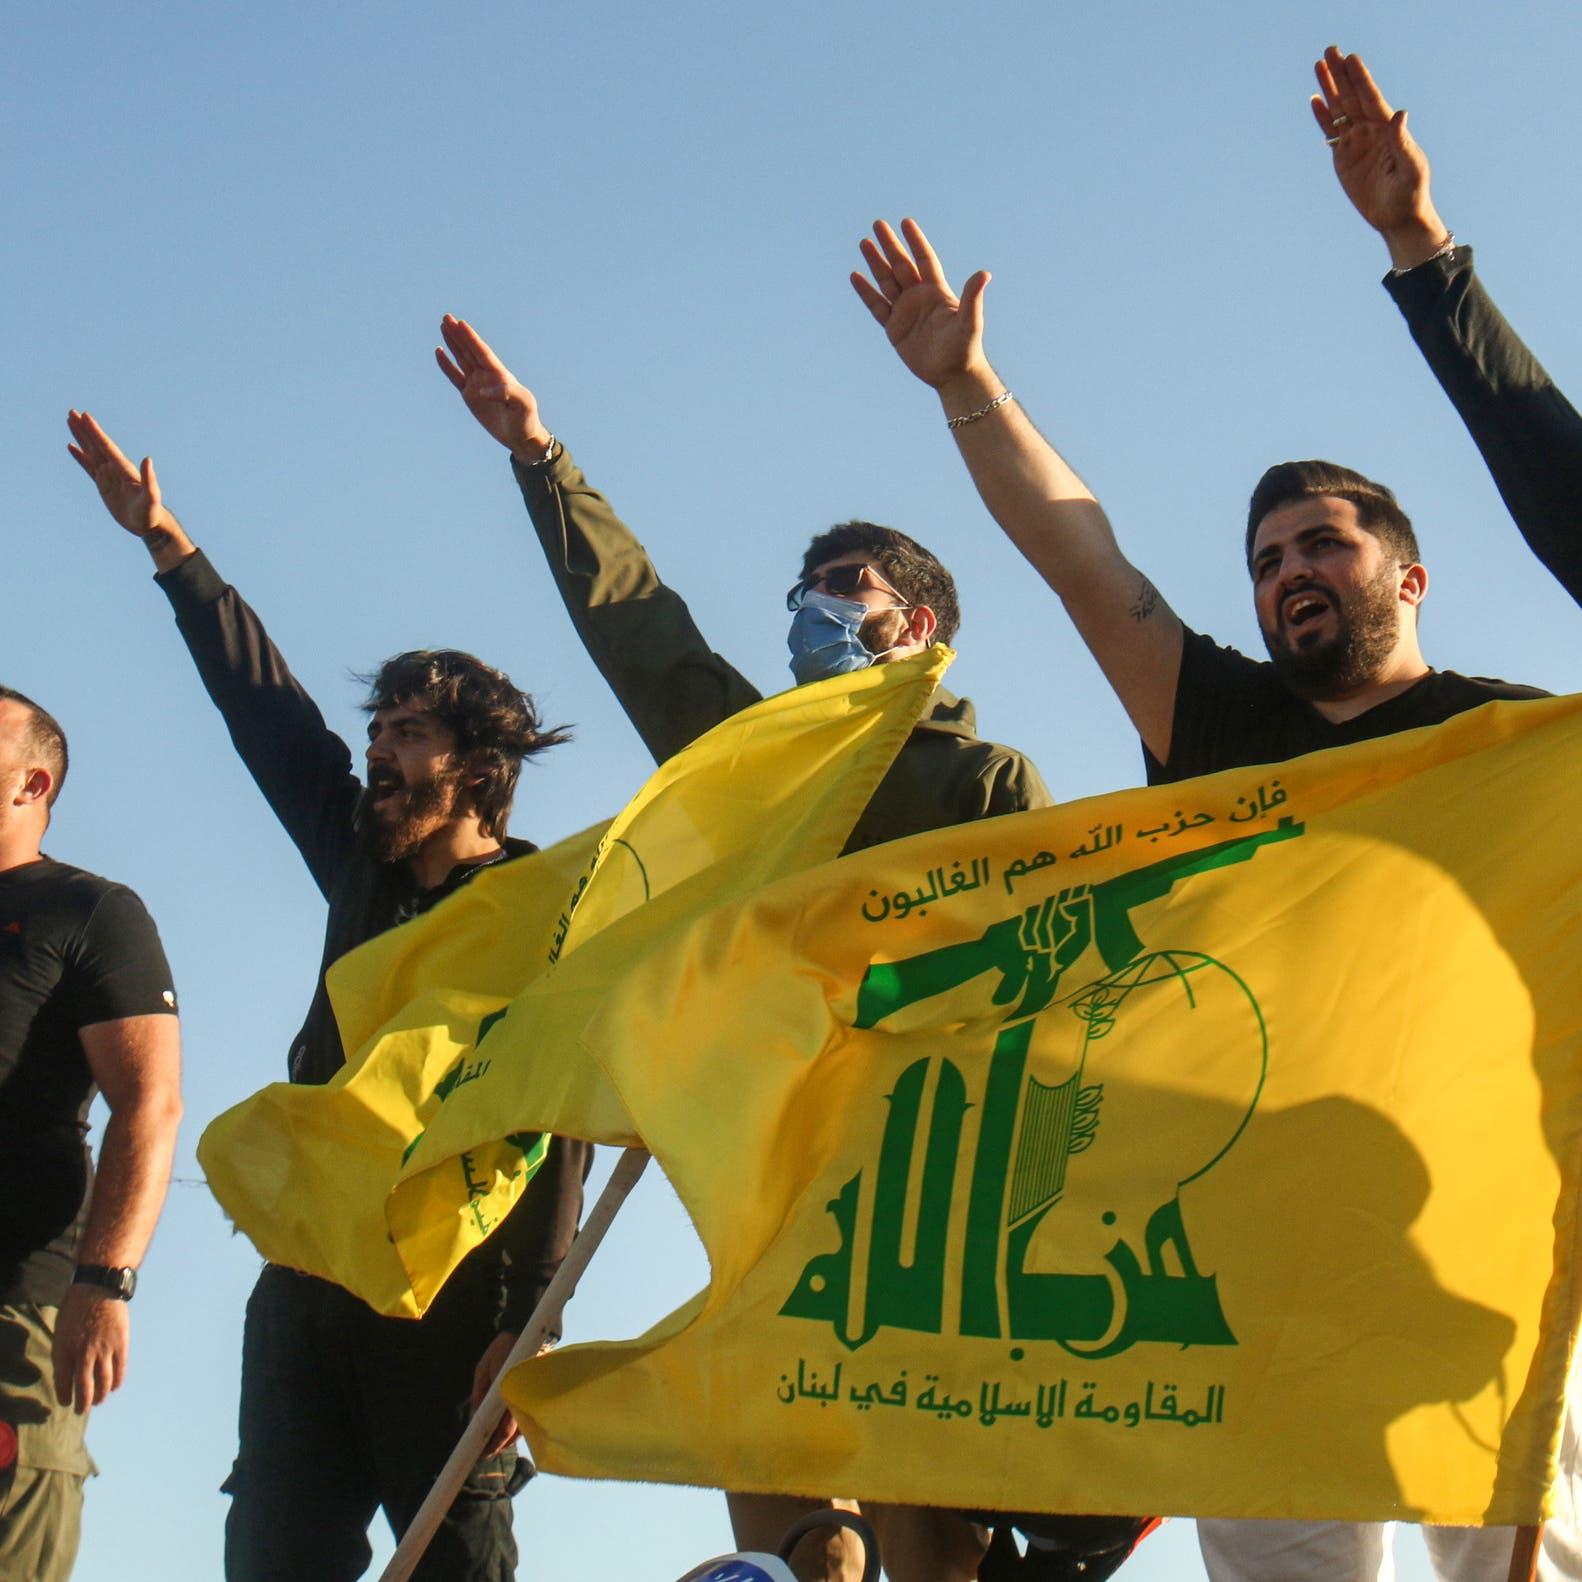 قتلى باشتباكات بين أنصار حزب الله وسكان خلدة ببيروت